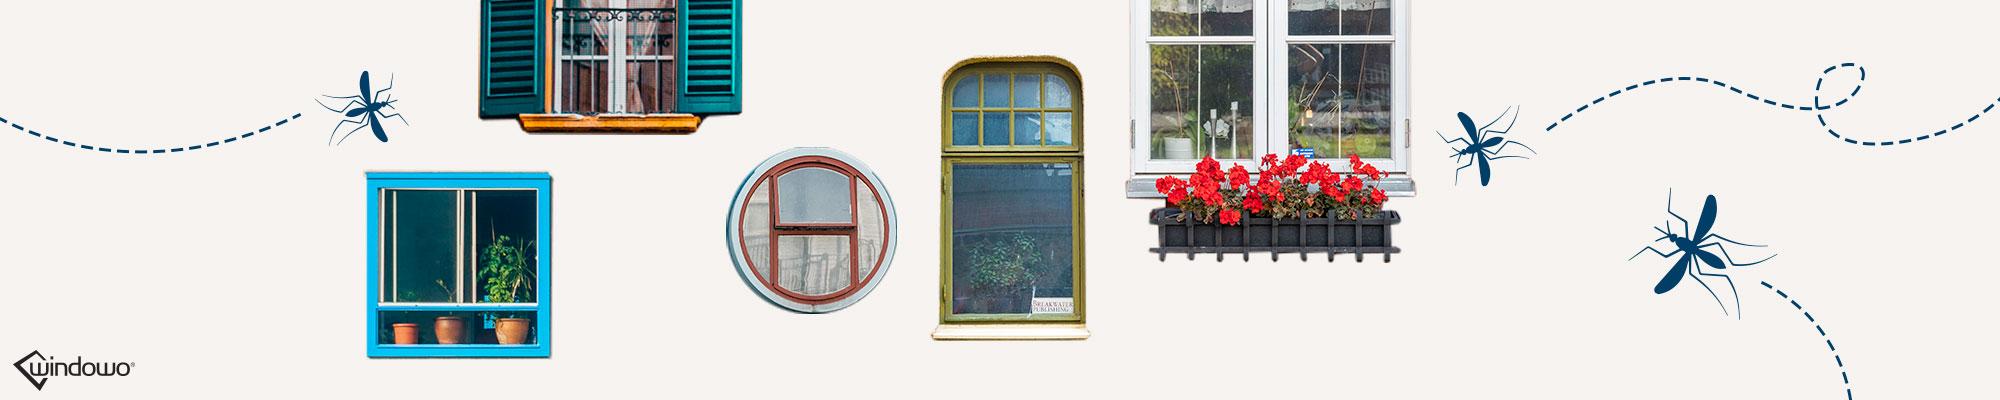 Zanzariere per finestre su misura vendita online